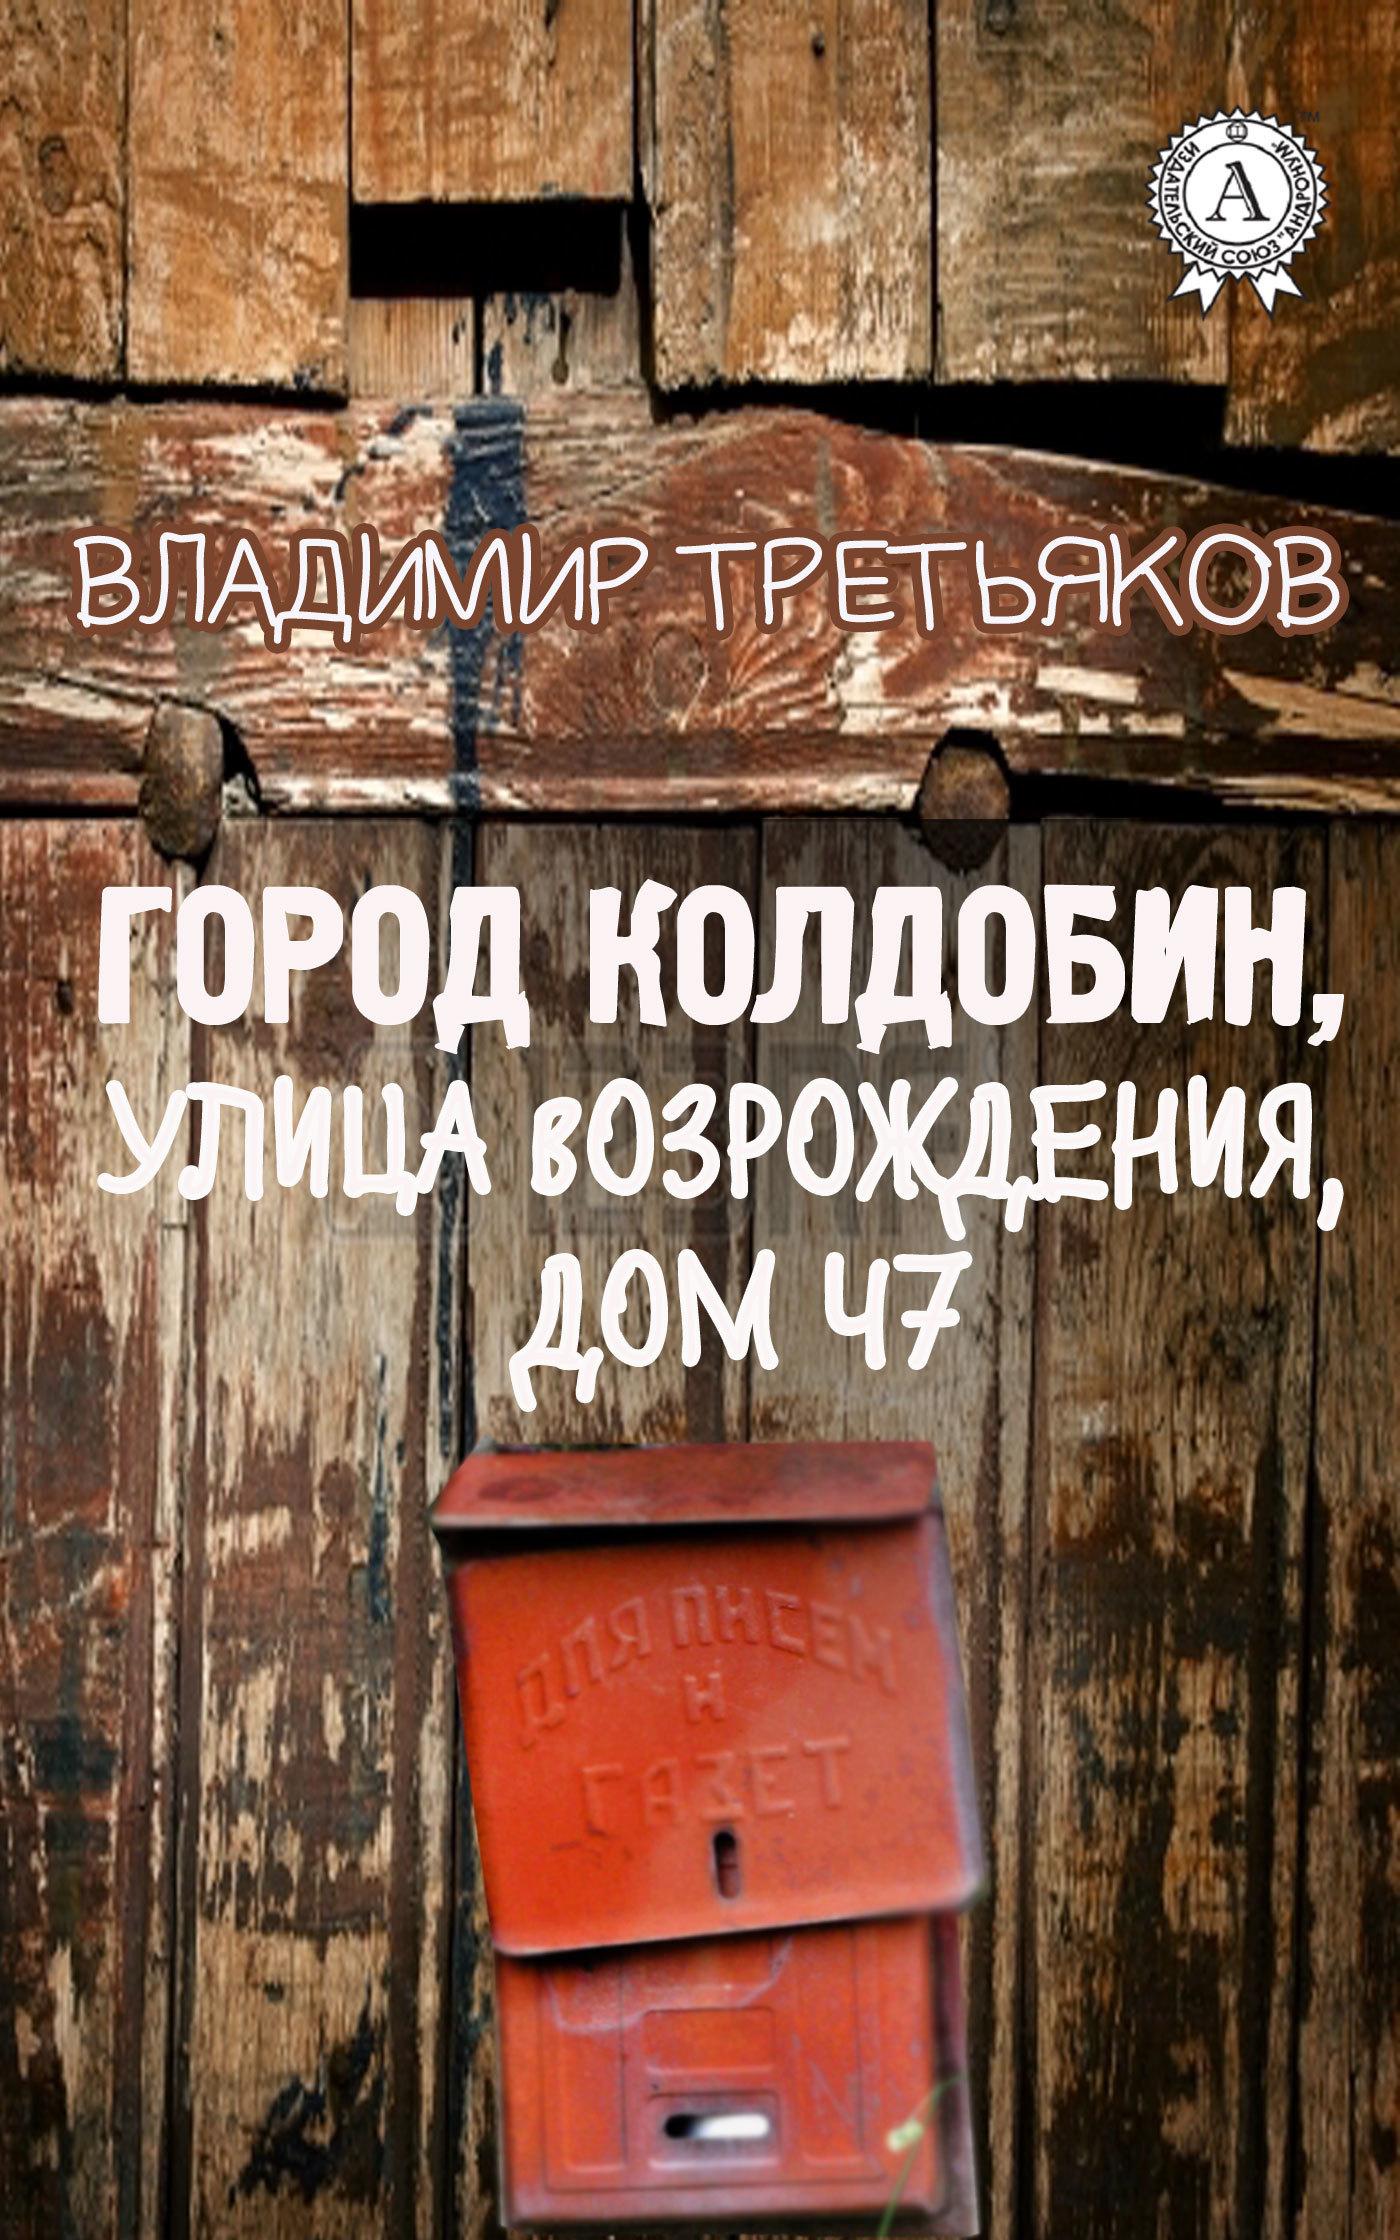 Владимир Третьяков Город Колдобин, улица Возрождения, дом 47